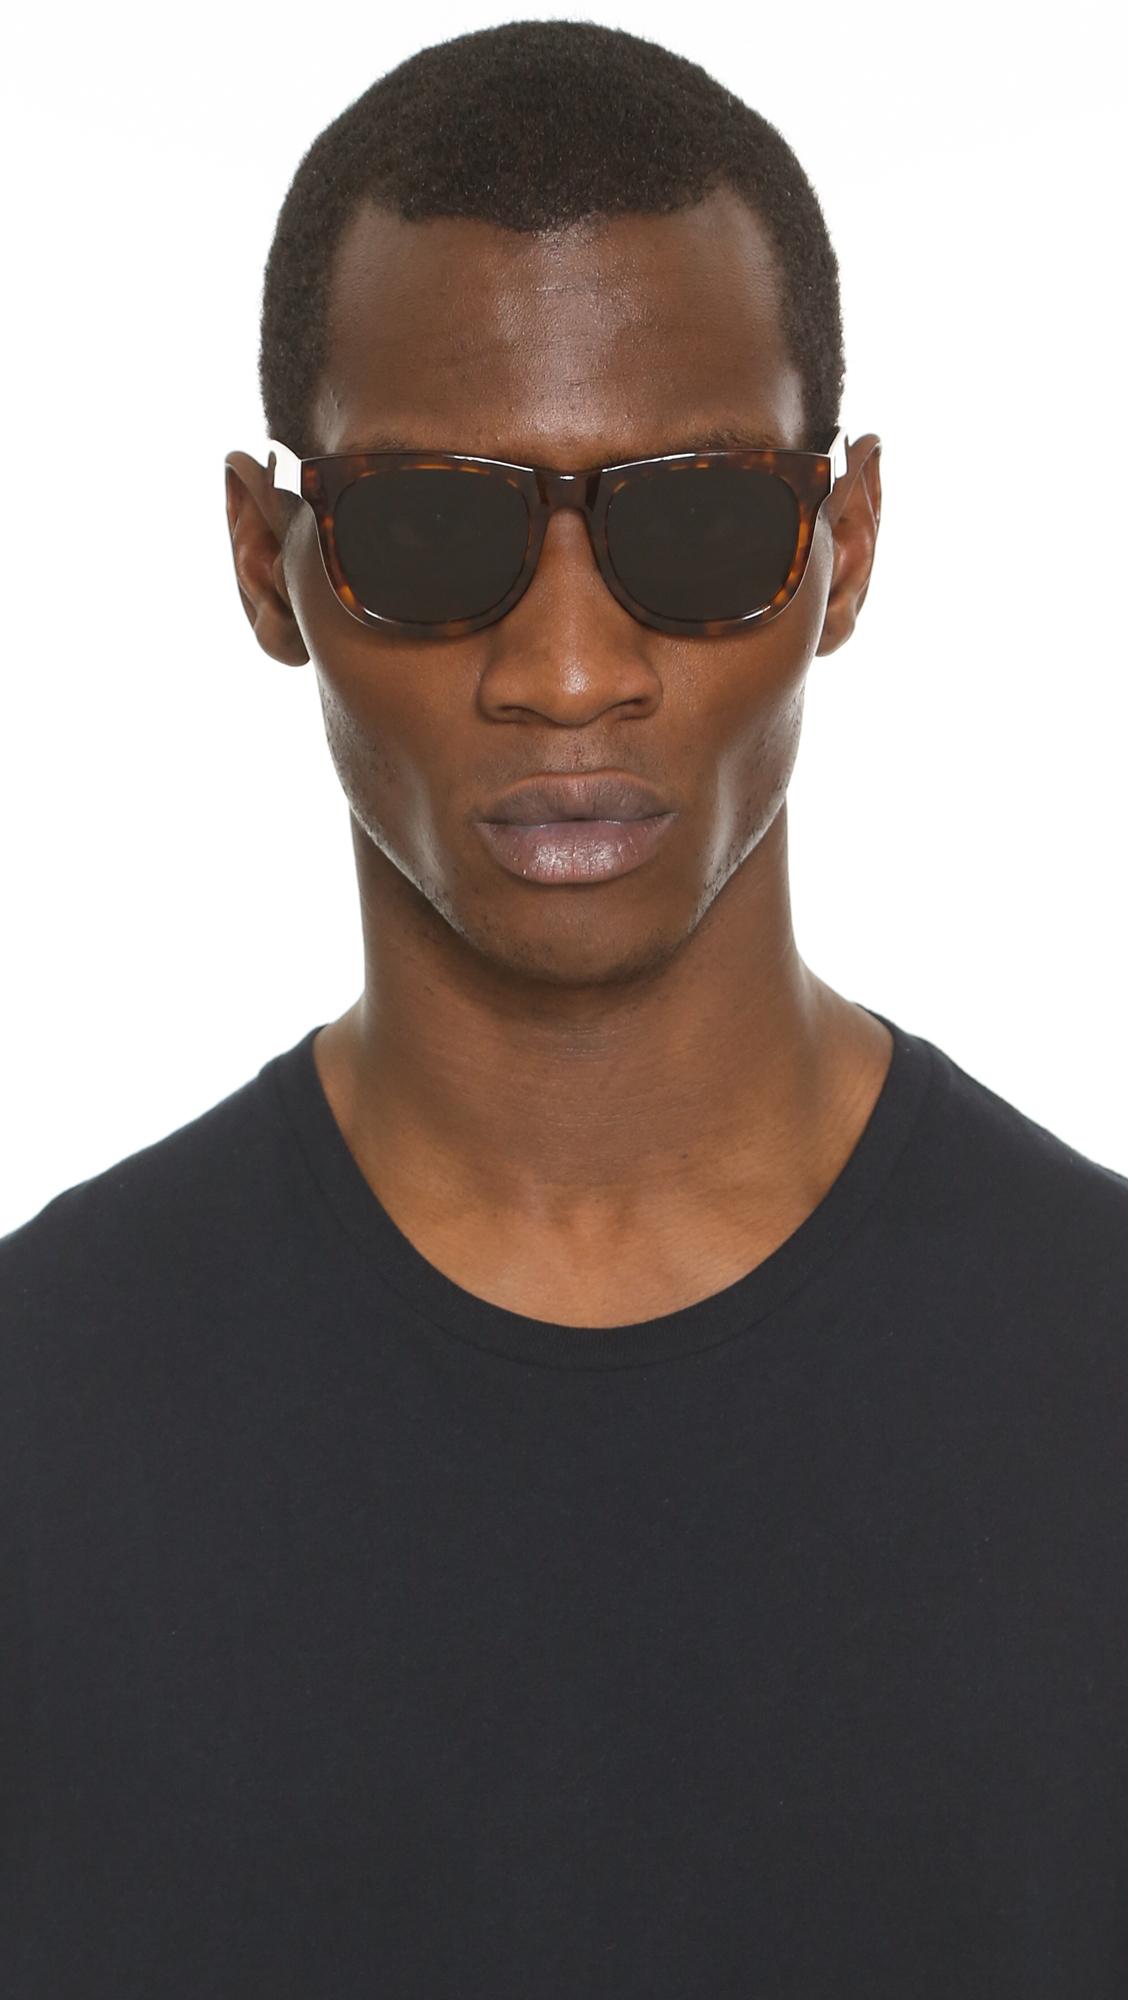 46088fe1243 Han Kjobenhavn Wolfgang Sunglasses in Green for Men - Lyst